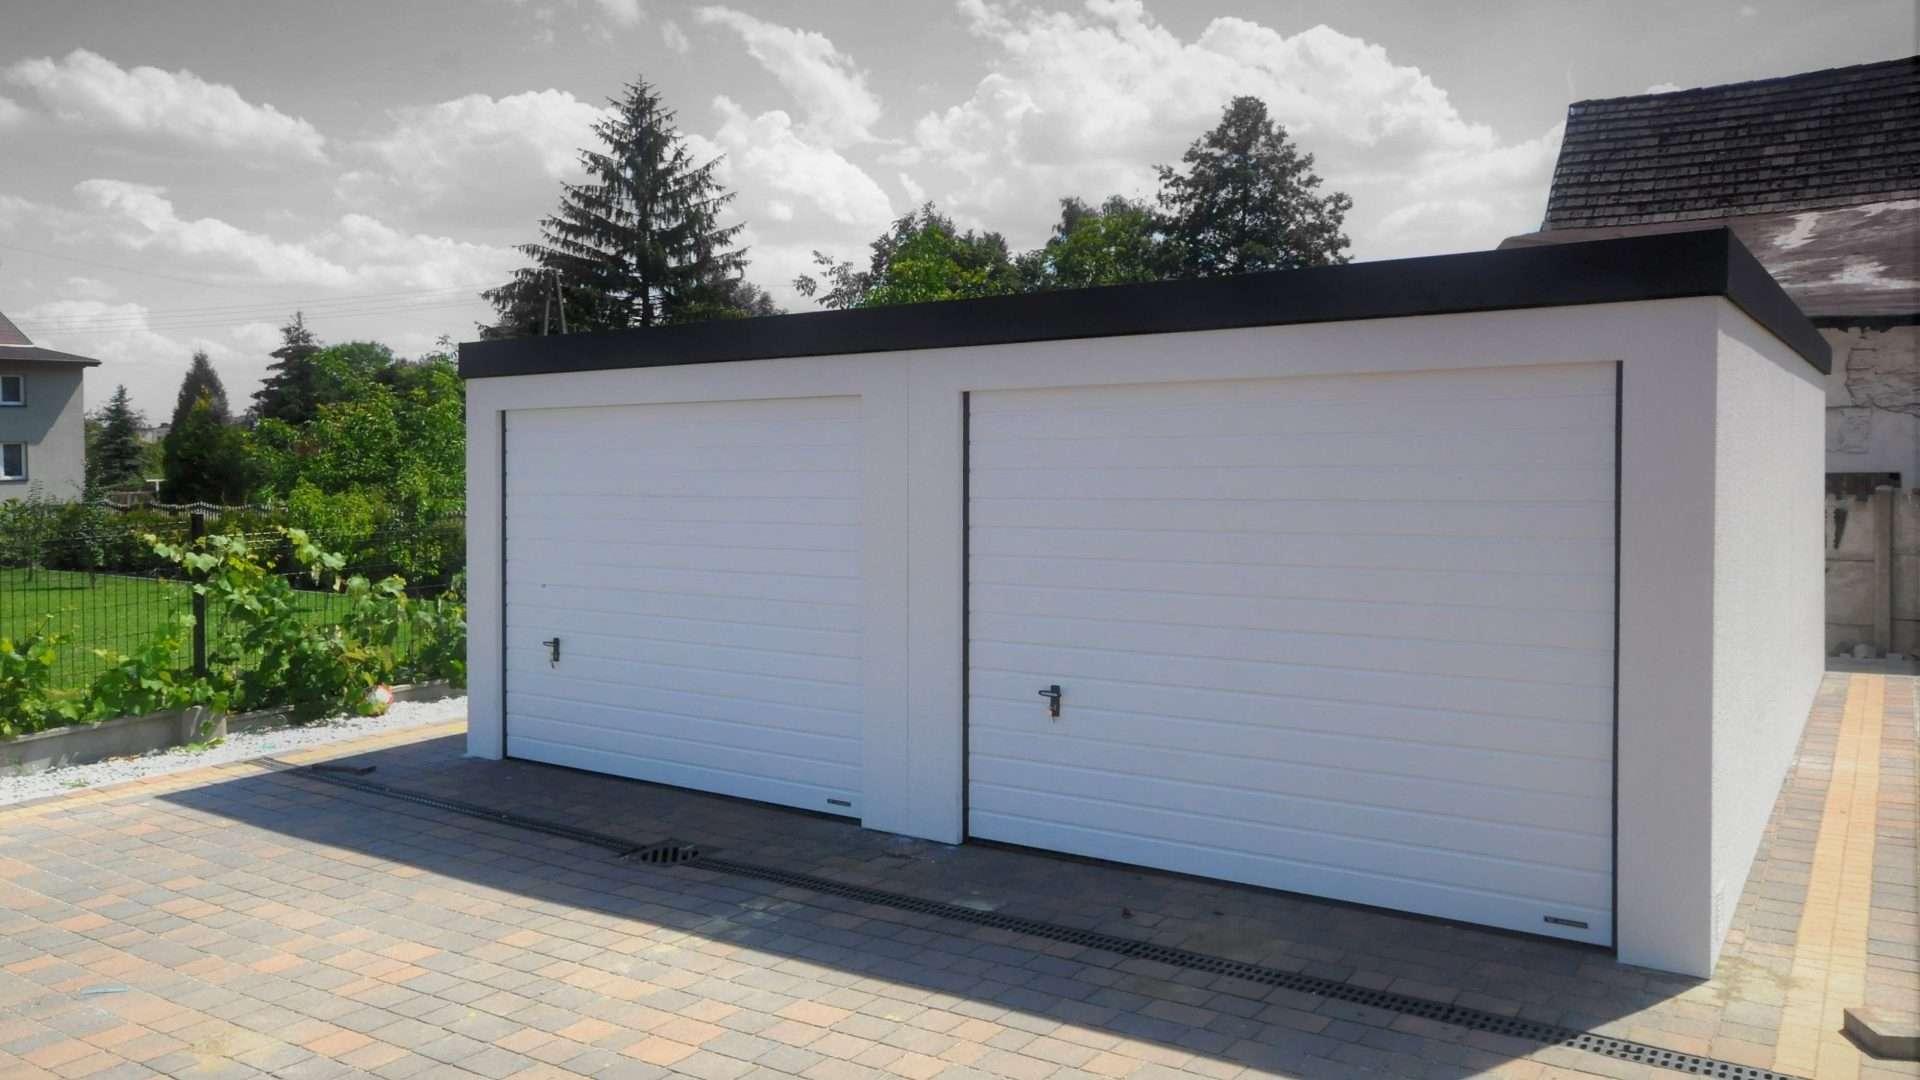 Garaż tynkowany Uno-Classic 6,0 x 5,7 m